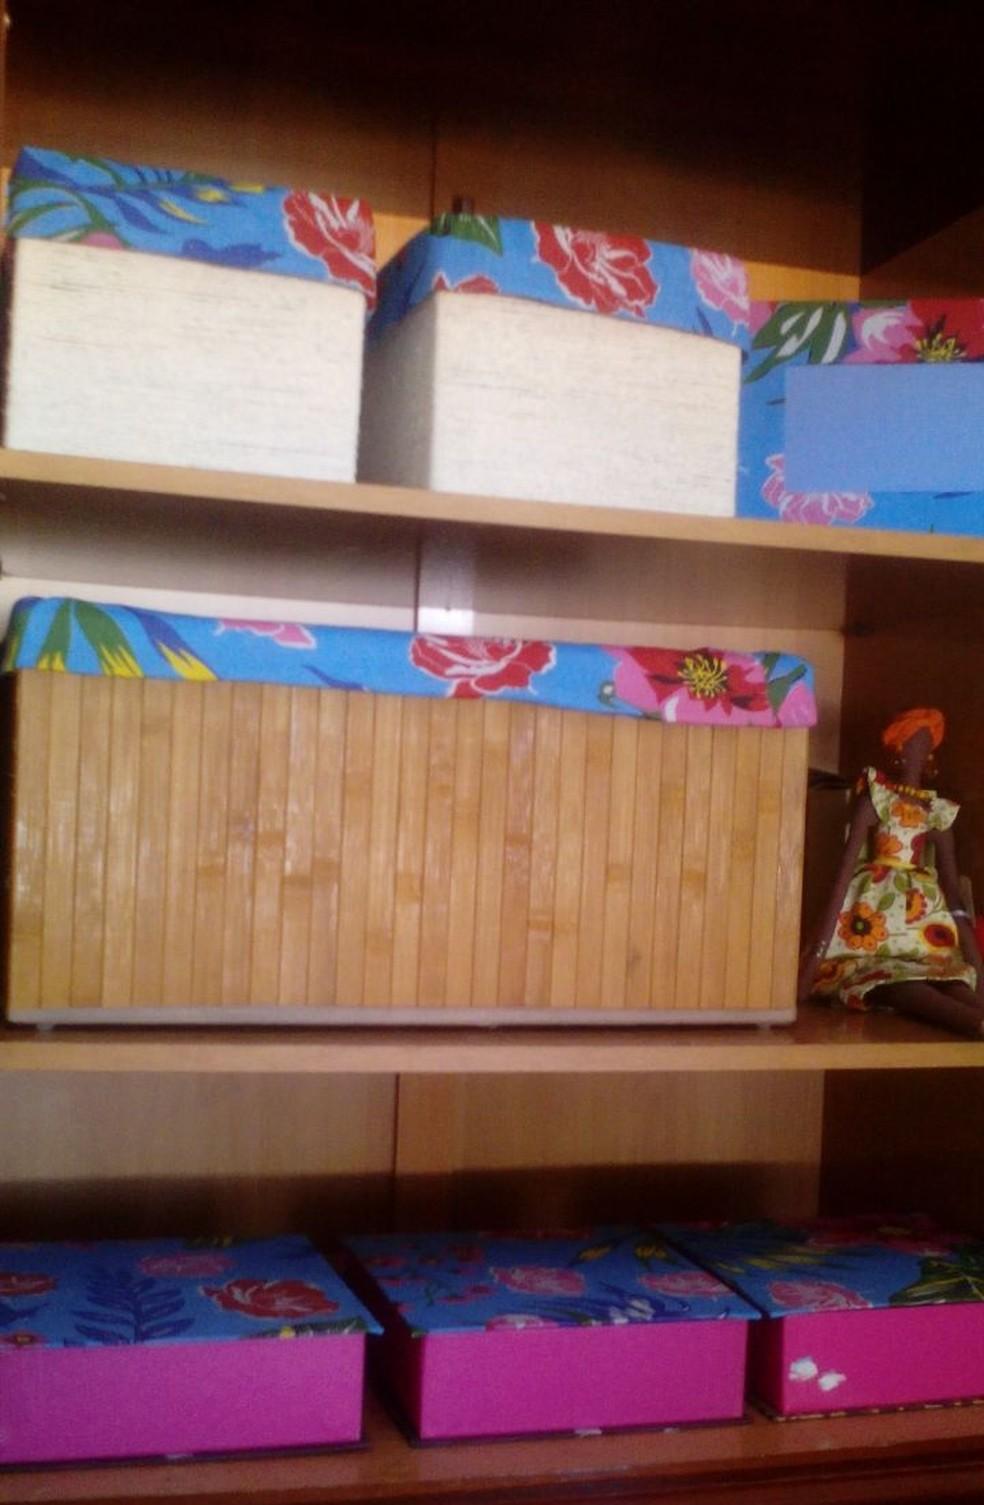 Teresa utilizou barbantes, retalhos de chita e materiais que seriam descartados para trazer cor ao apartamento (Foto: Divulgação)